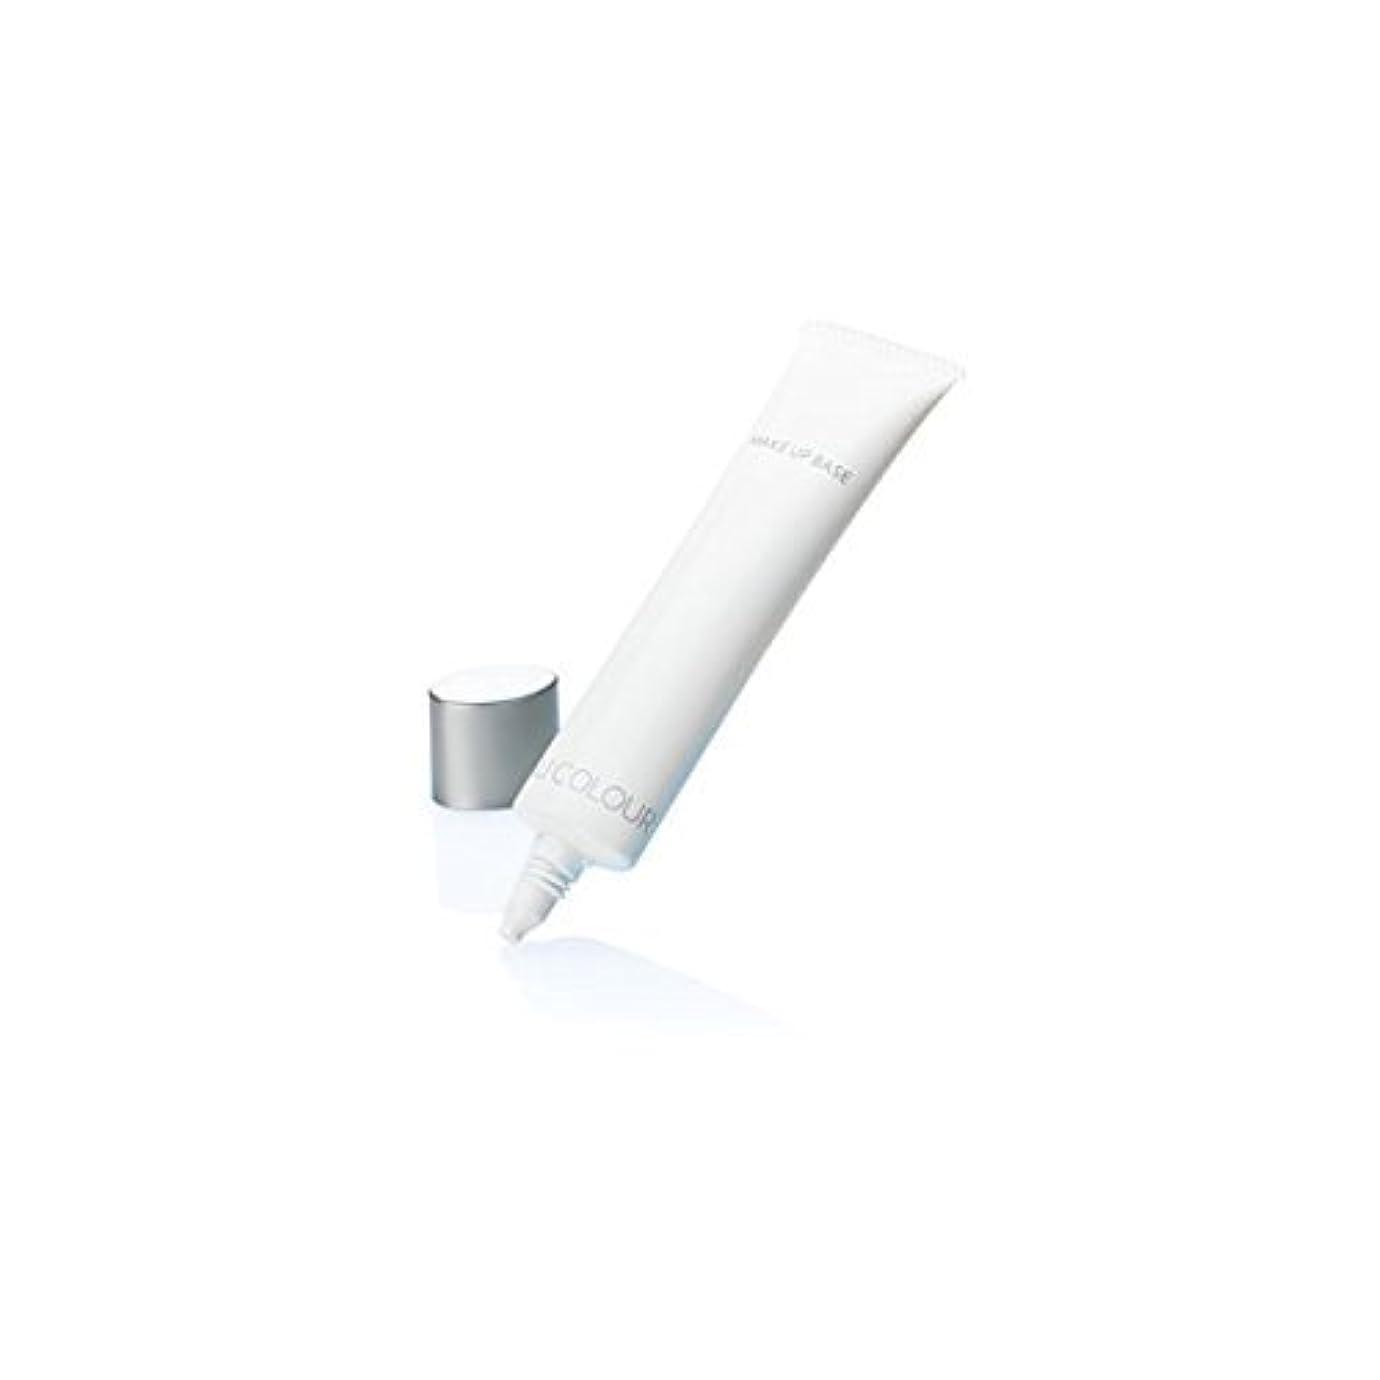 天気高価な単調なニュースキン NU SKIN UV メイクアップ ベース SPF18?PA++ クリア 03160813